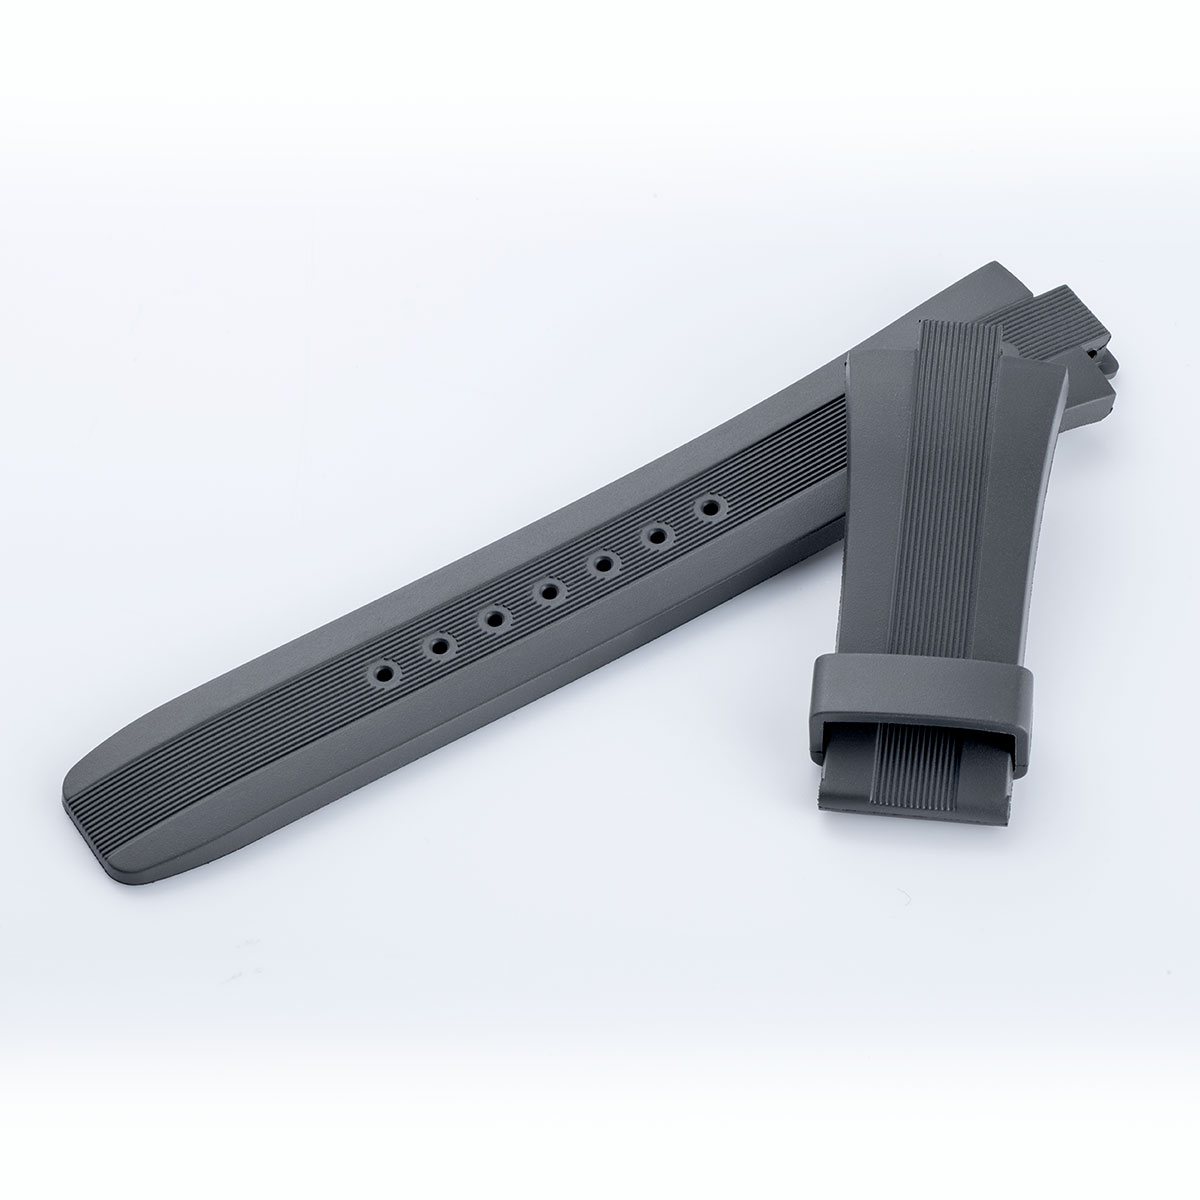 VM02用 ラバーストラップ – グレー(VM02-RGY0)